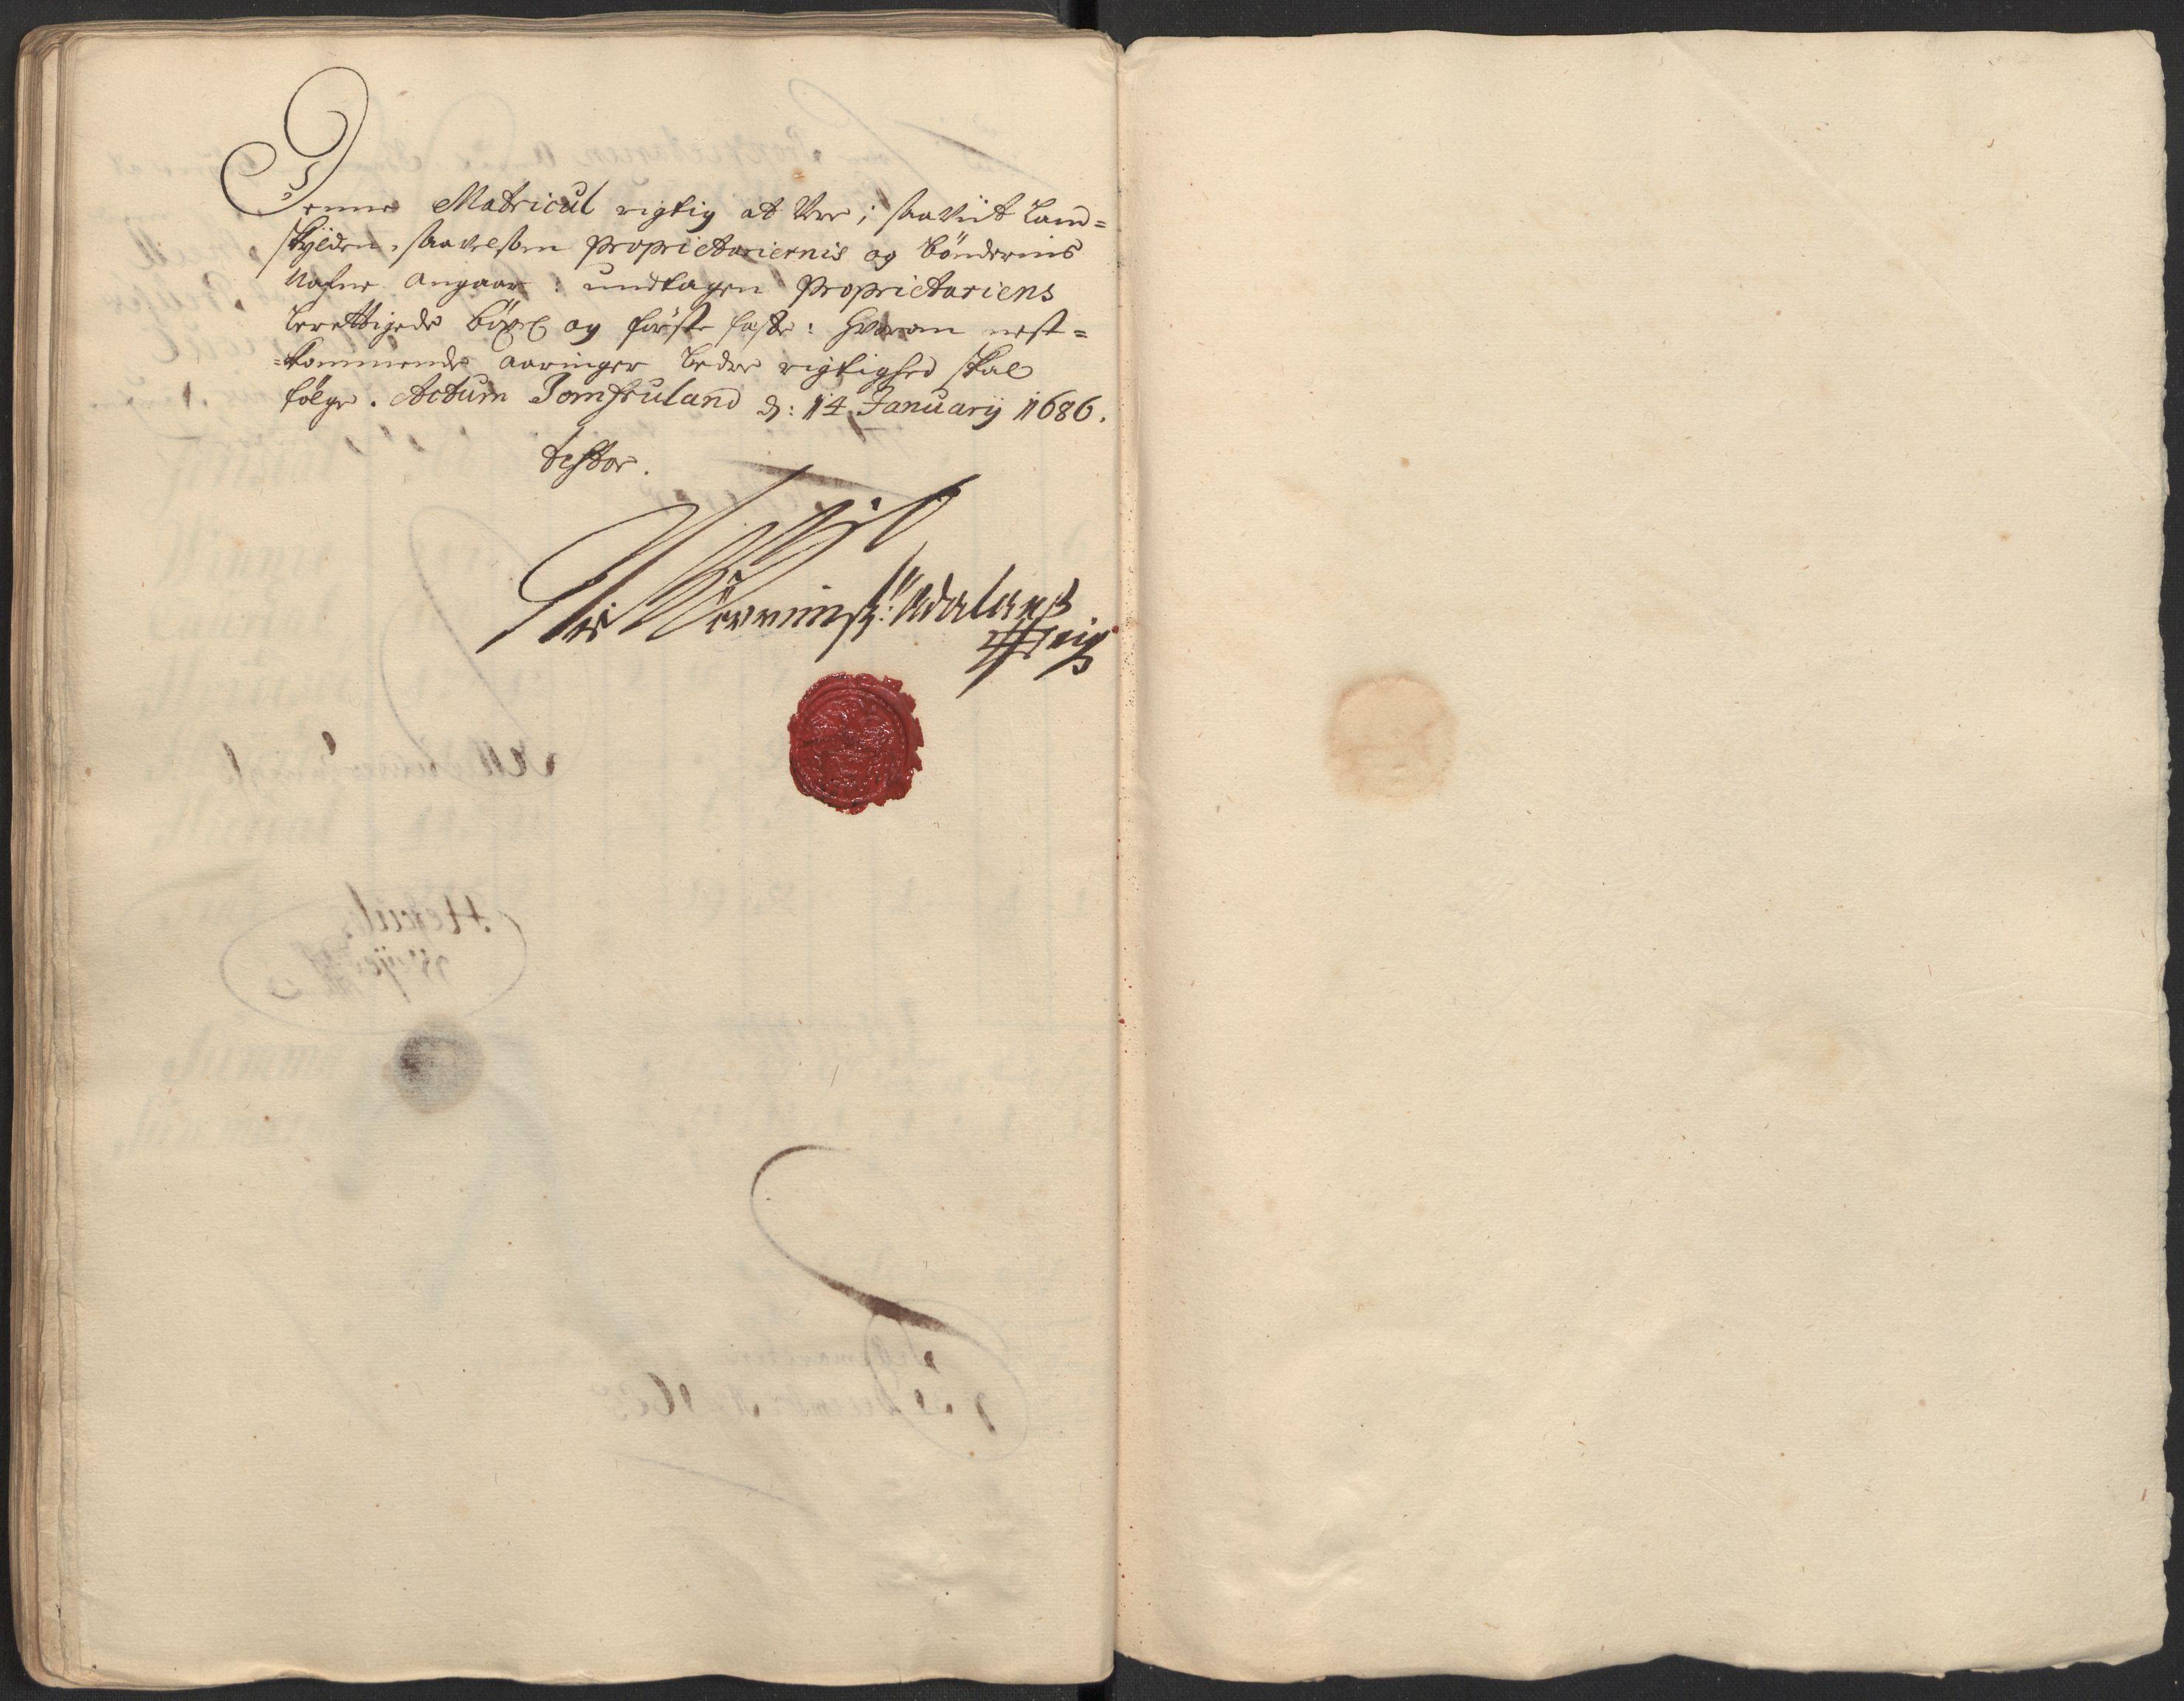 RA, Rentekammeret inntil 1814, Reviderte regnskaper, Fogderegnskap, R35/L2082: Fogderegnskap Øvre og Nedre Telemark, 1685, s. 188